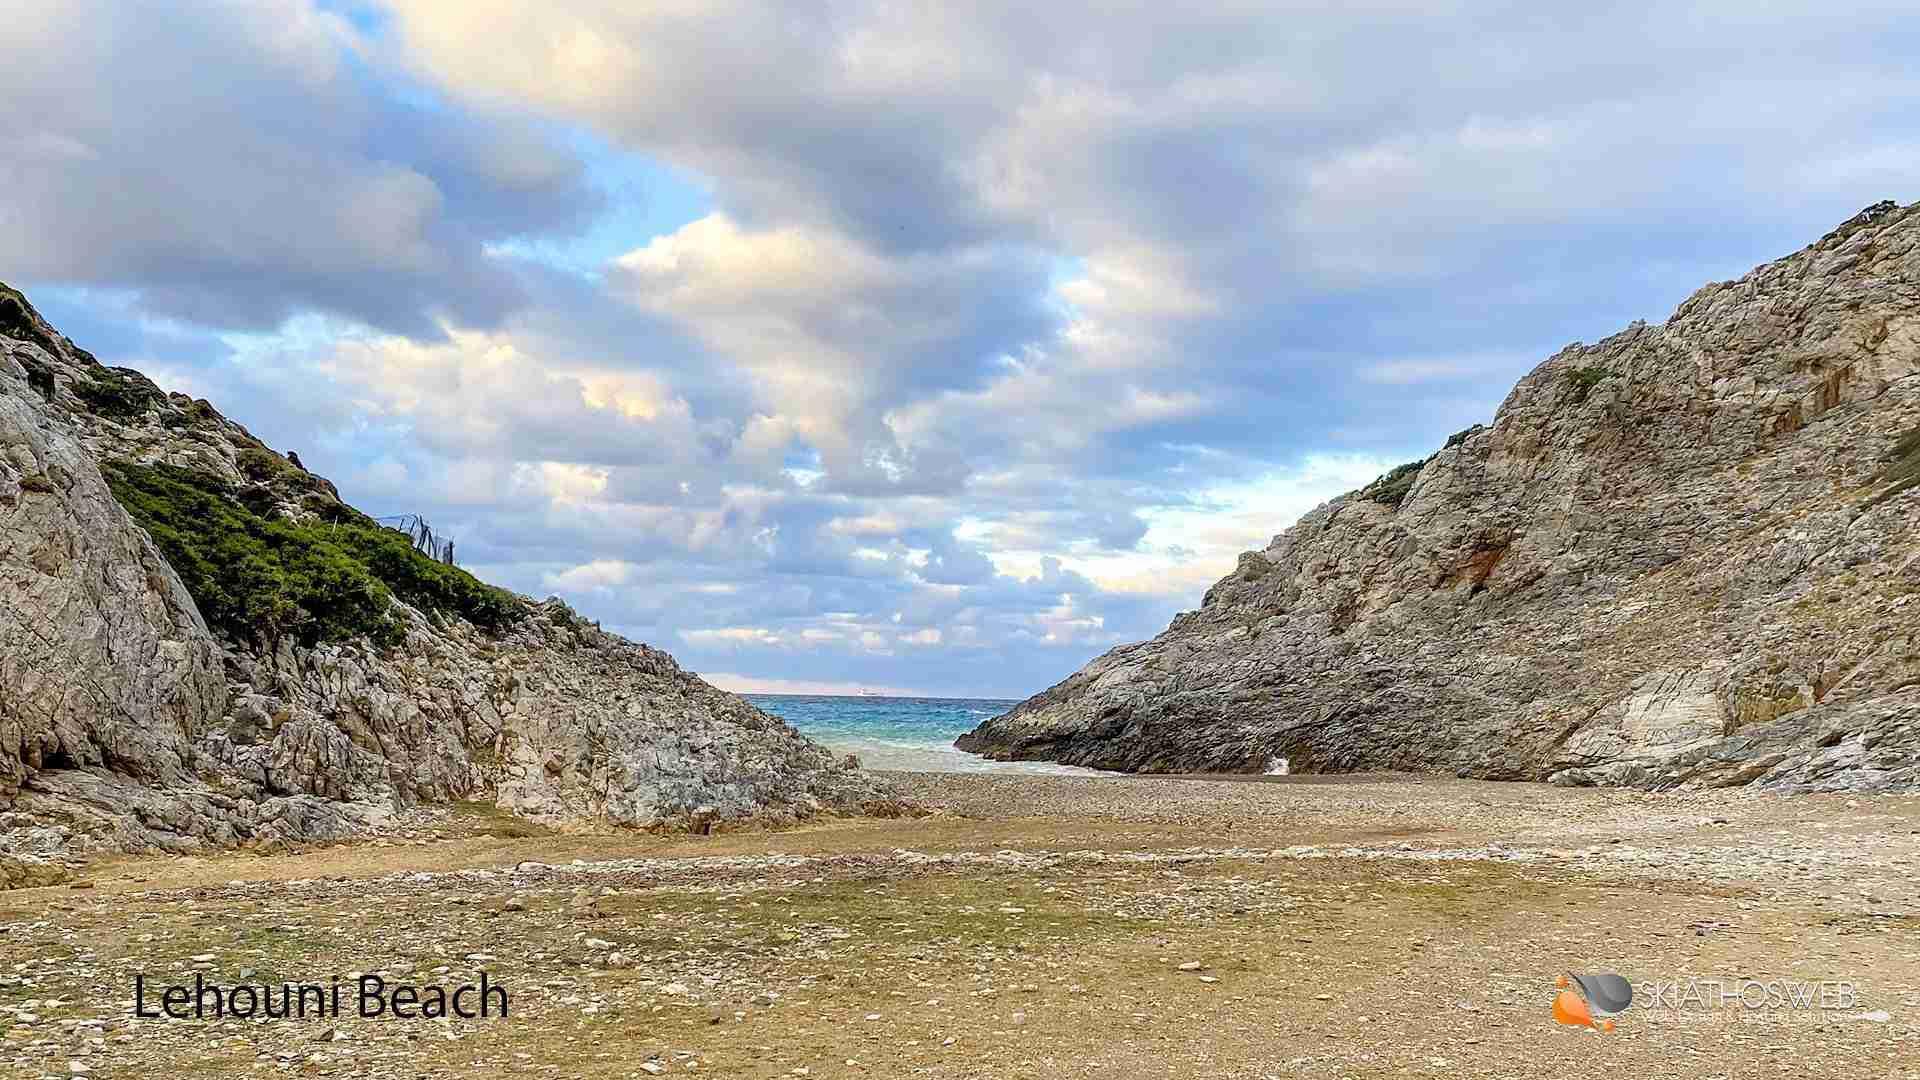 lehouni beach 1